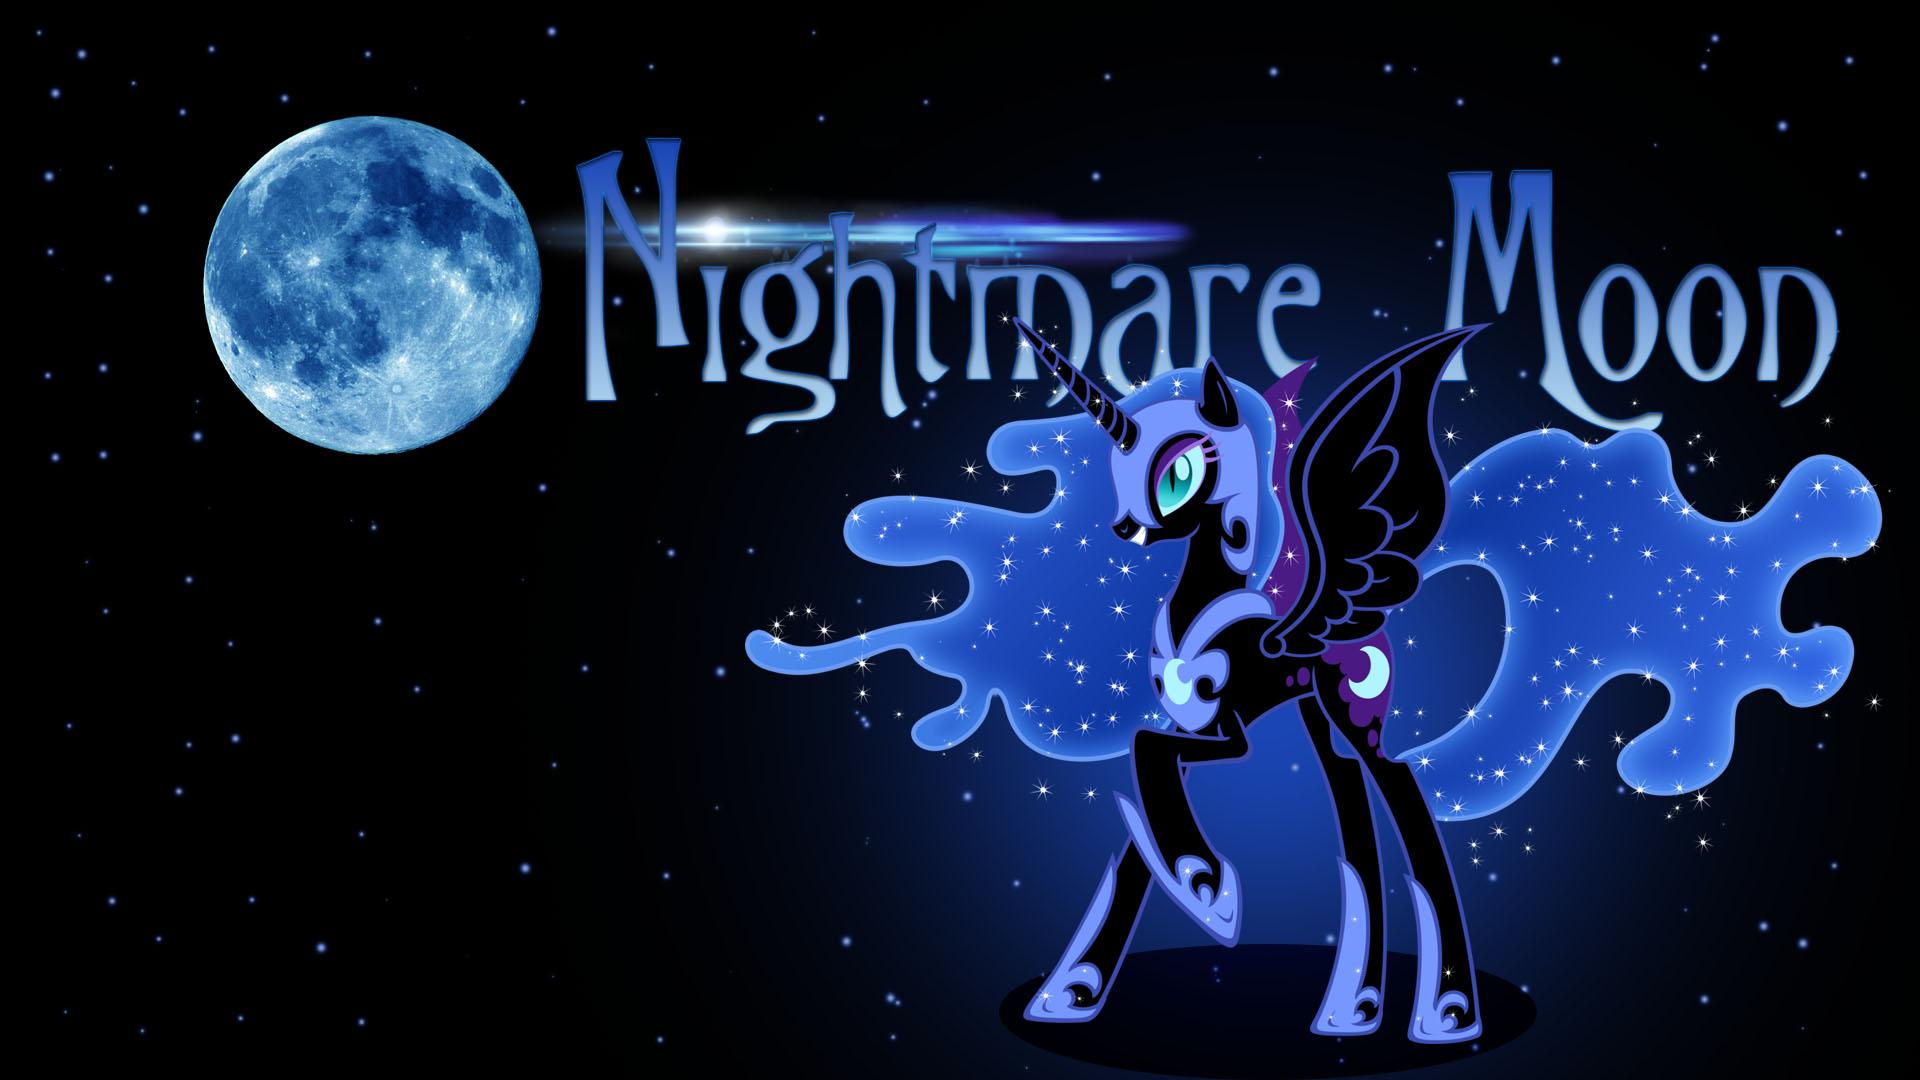 Nightmare Moon Wallpaper by IIThunderboltII 1920x1080